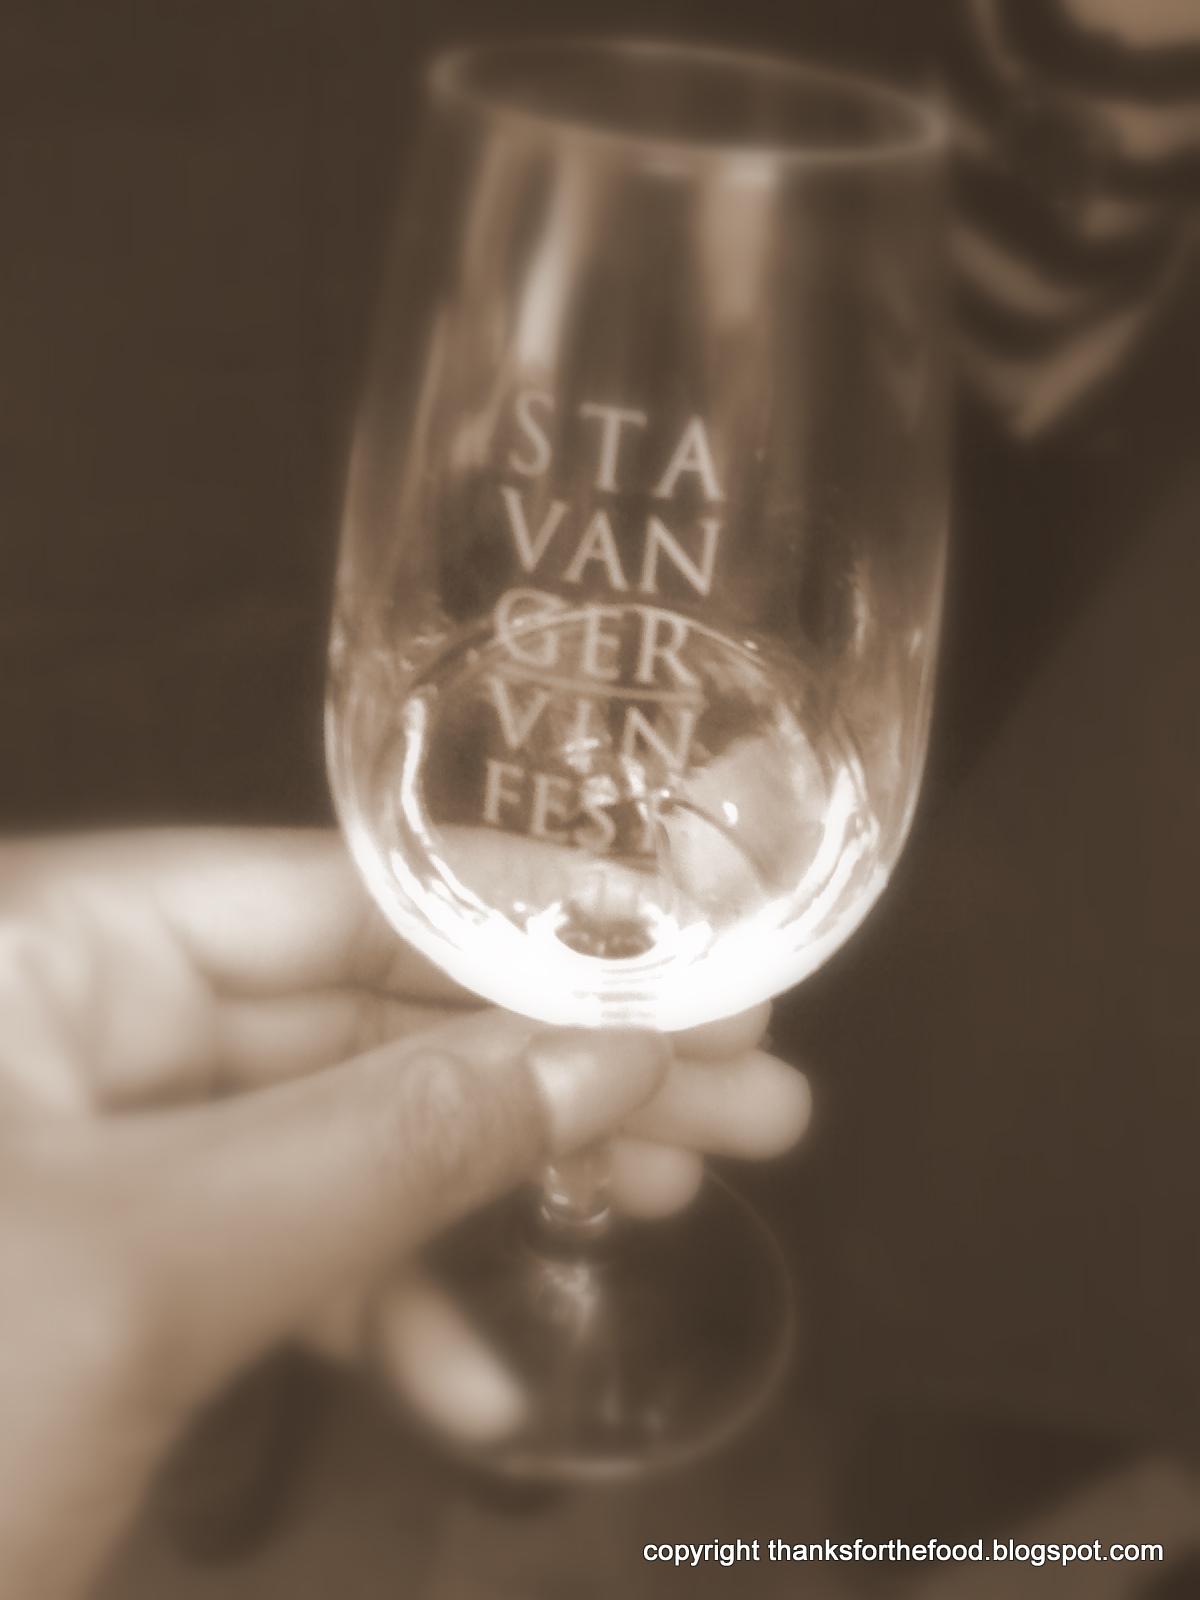 Stavanger Vin Fest